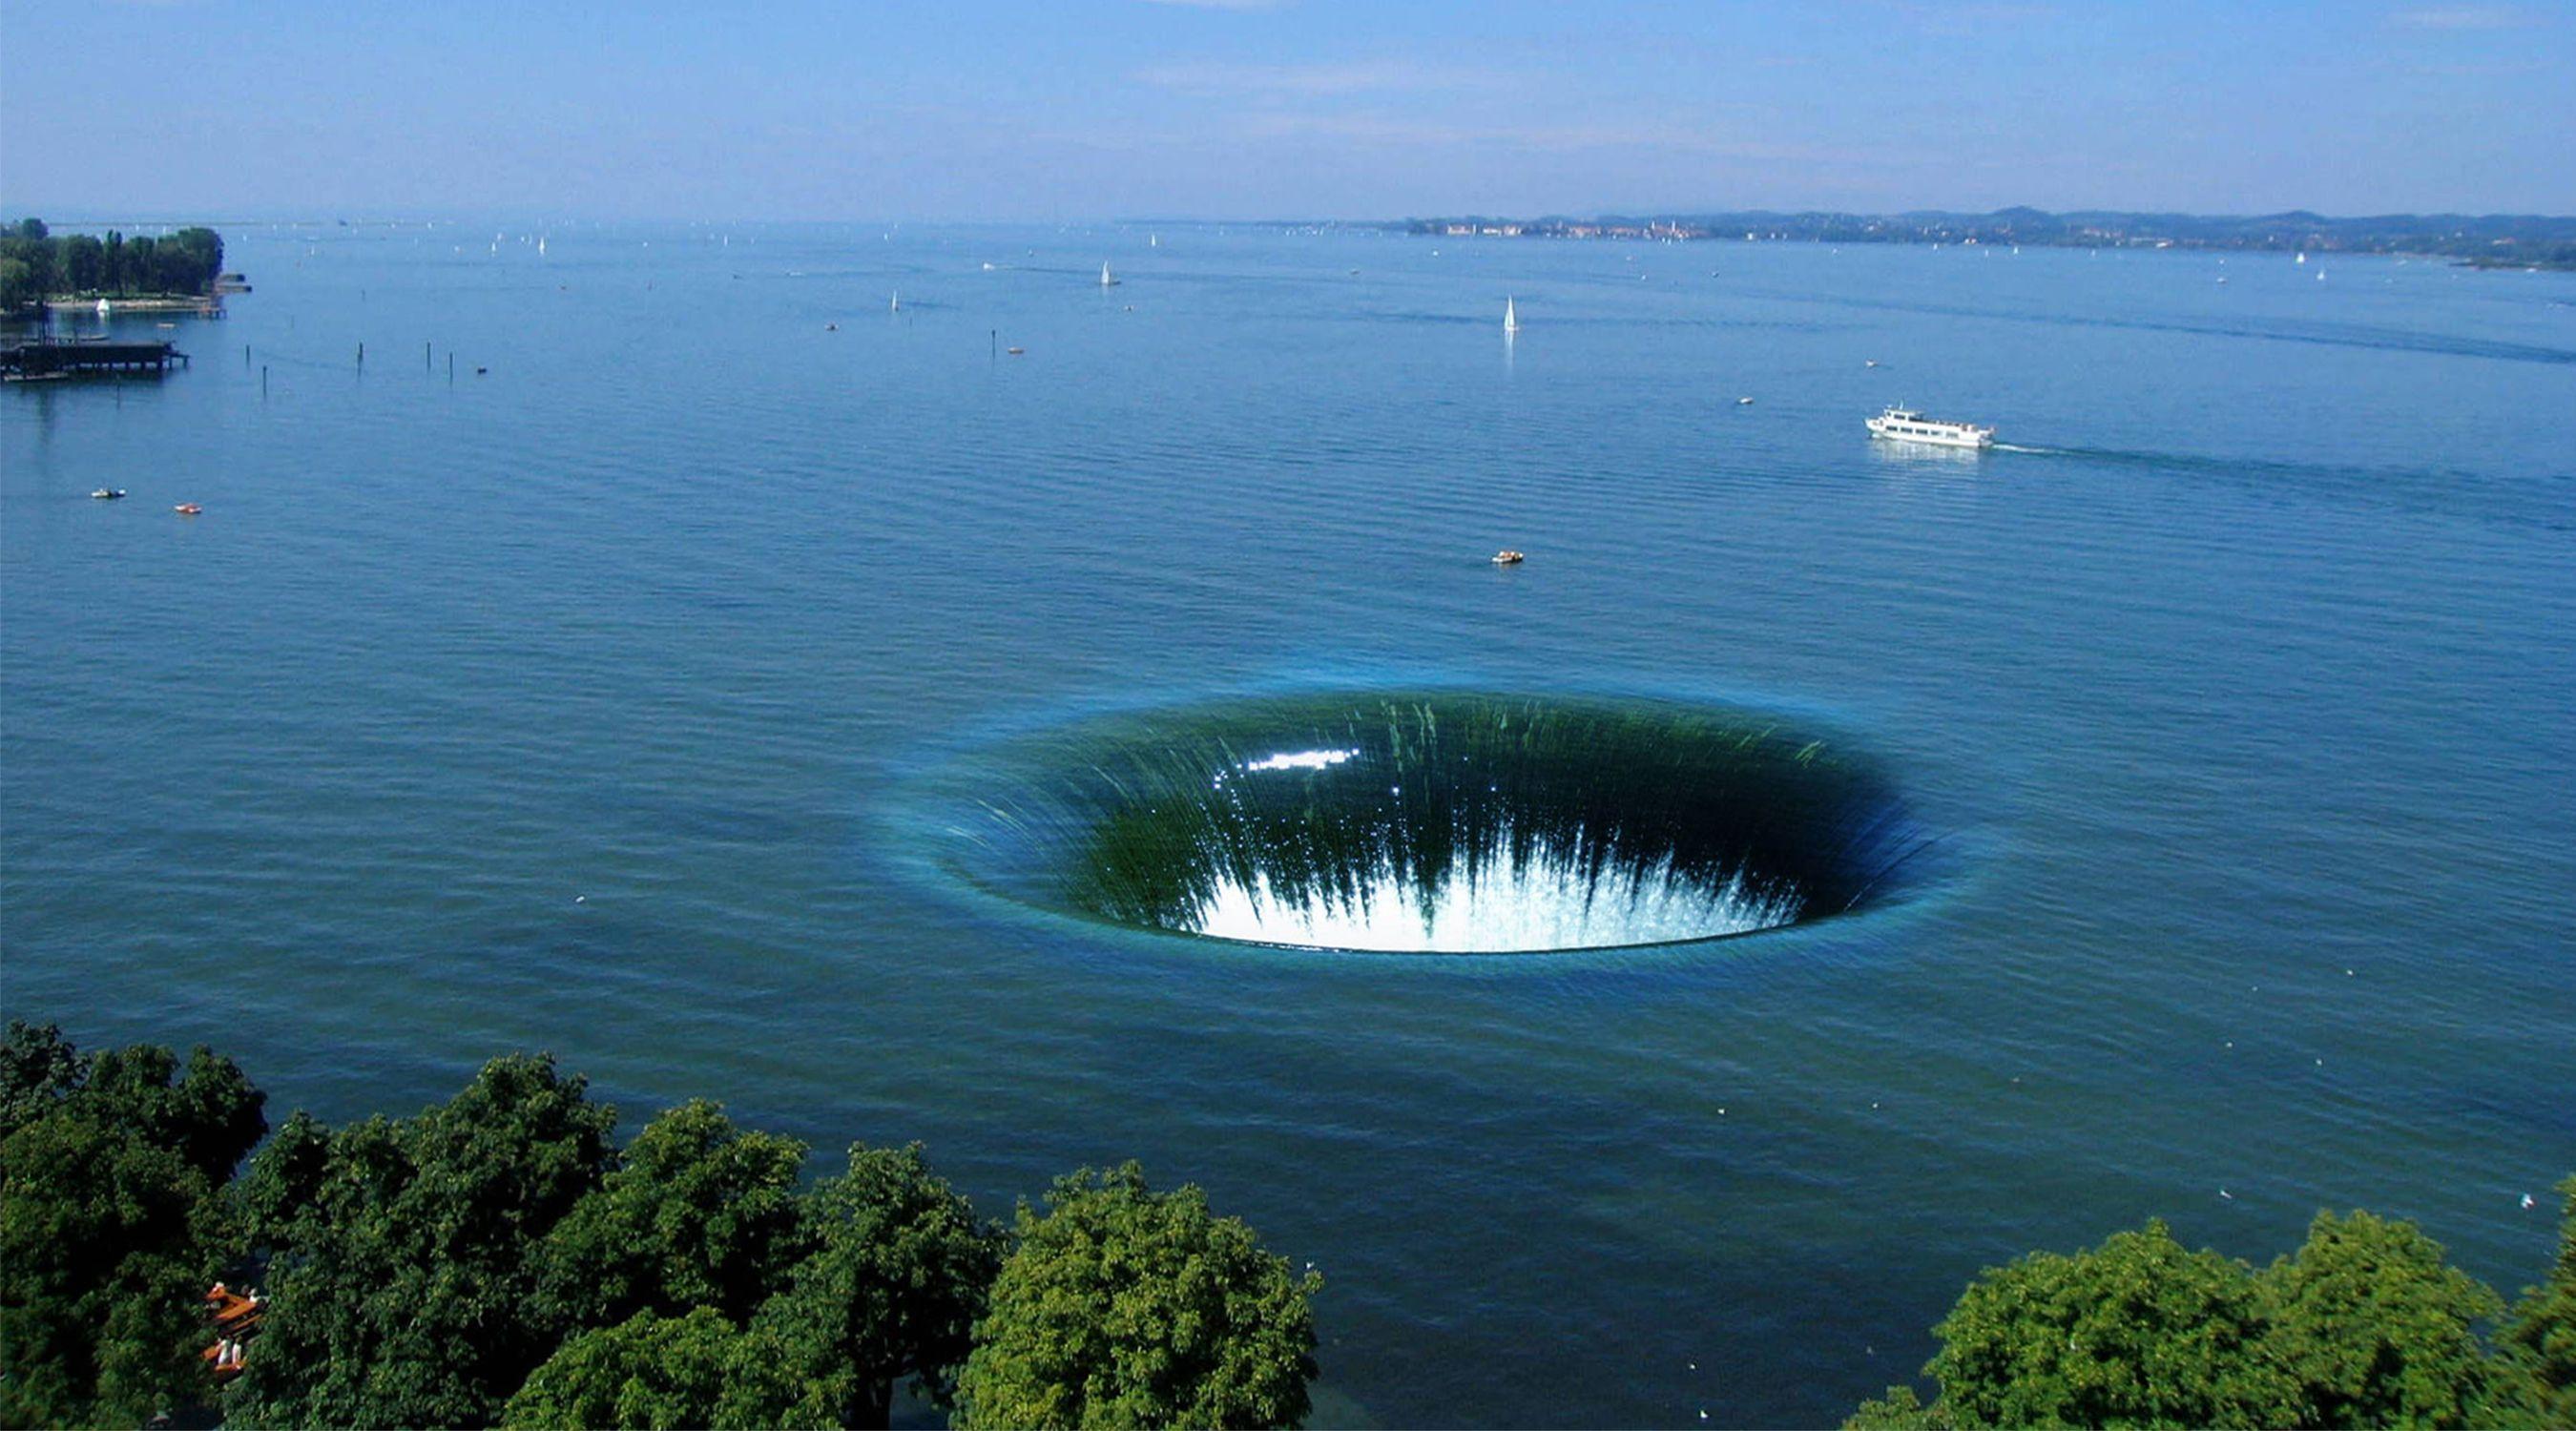 Schweizerische Landesausstellung 2027 Bodensee-Ostschweiz Bodensee Loch